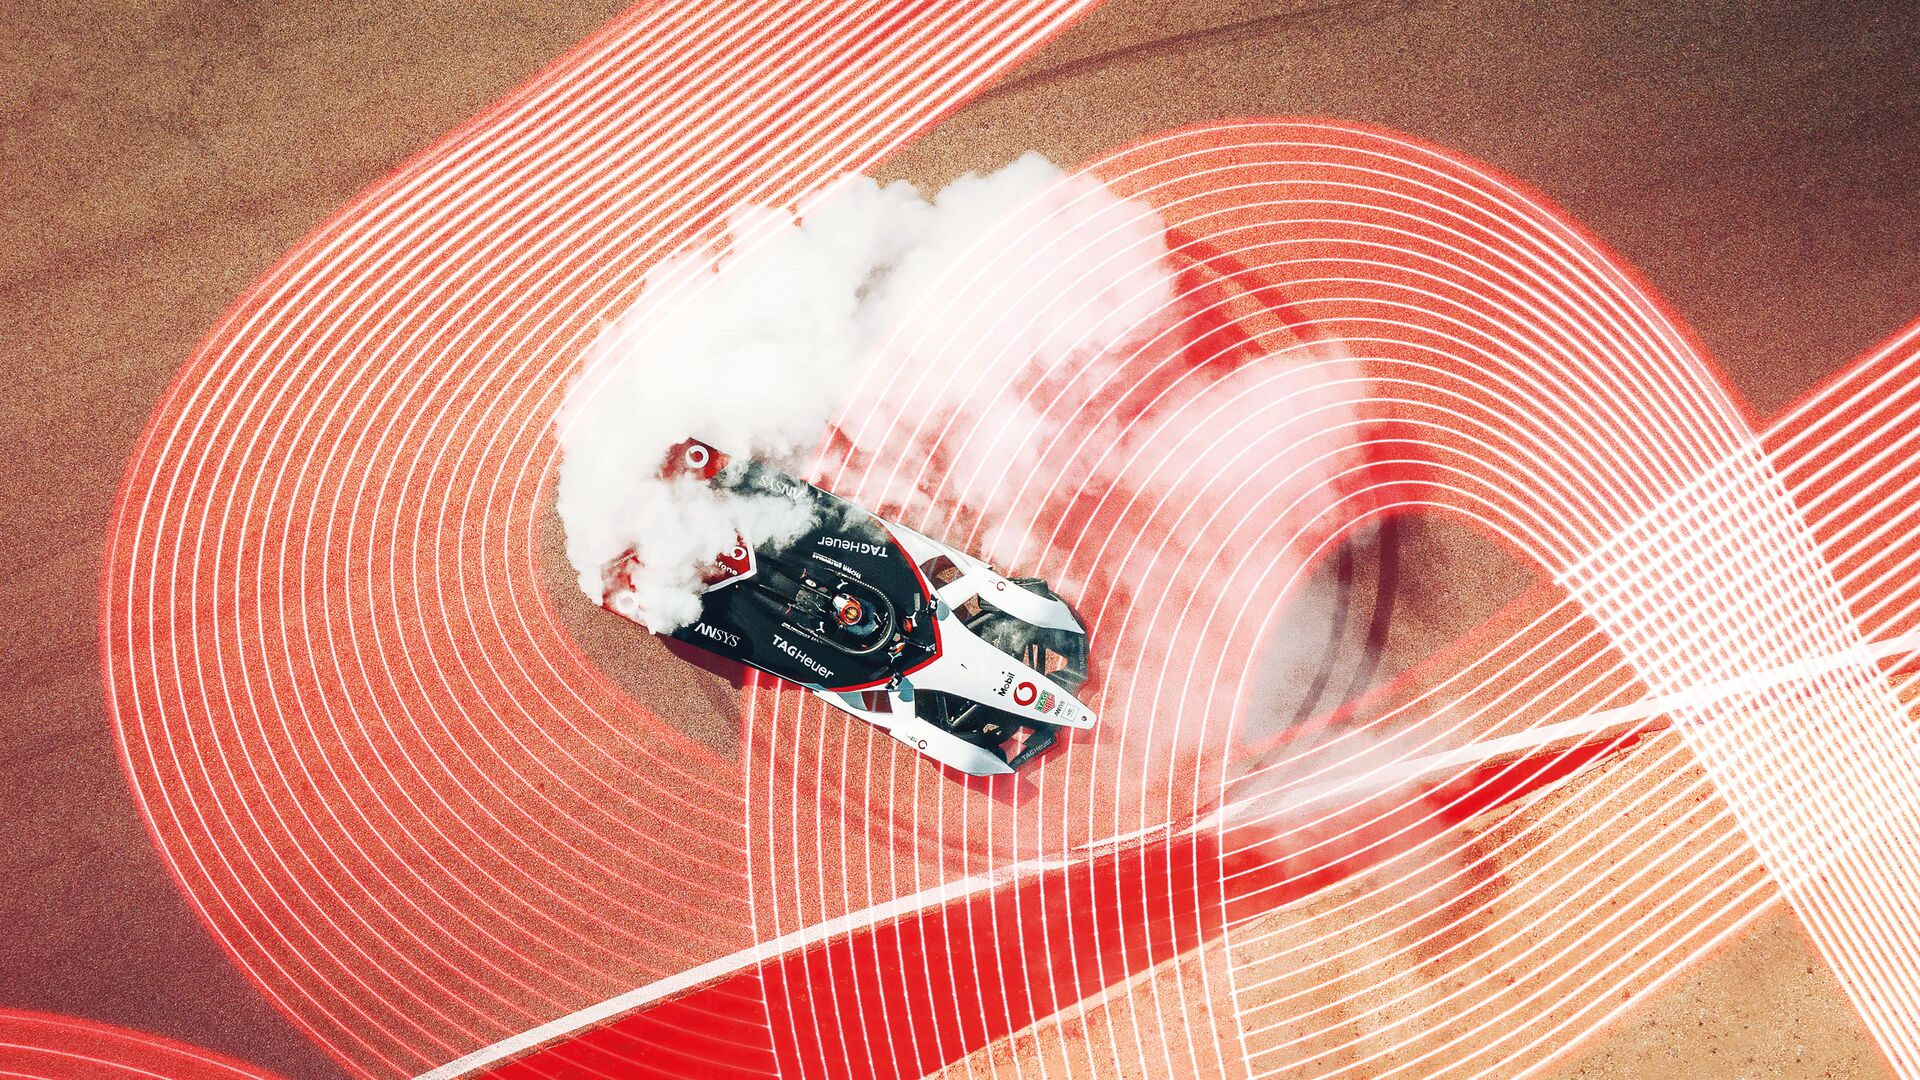 Porsche Formula E racecar